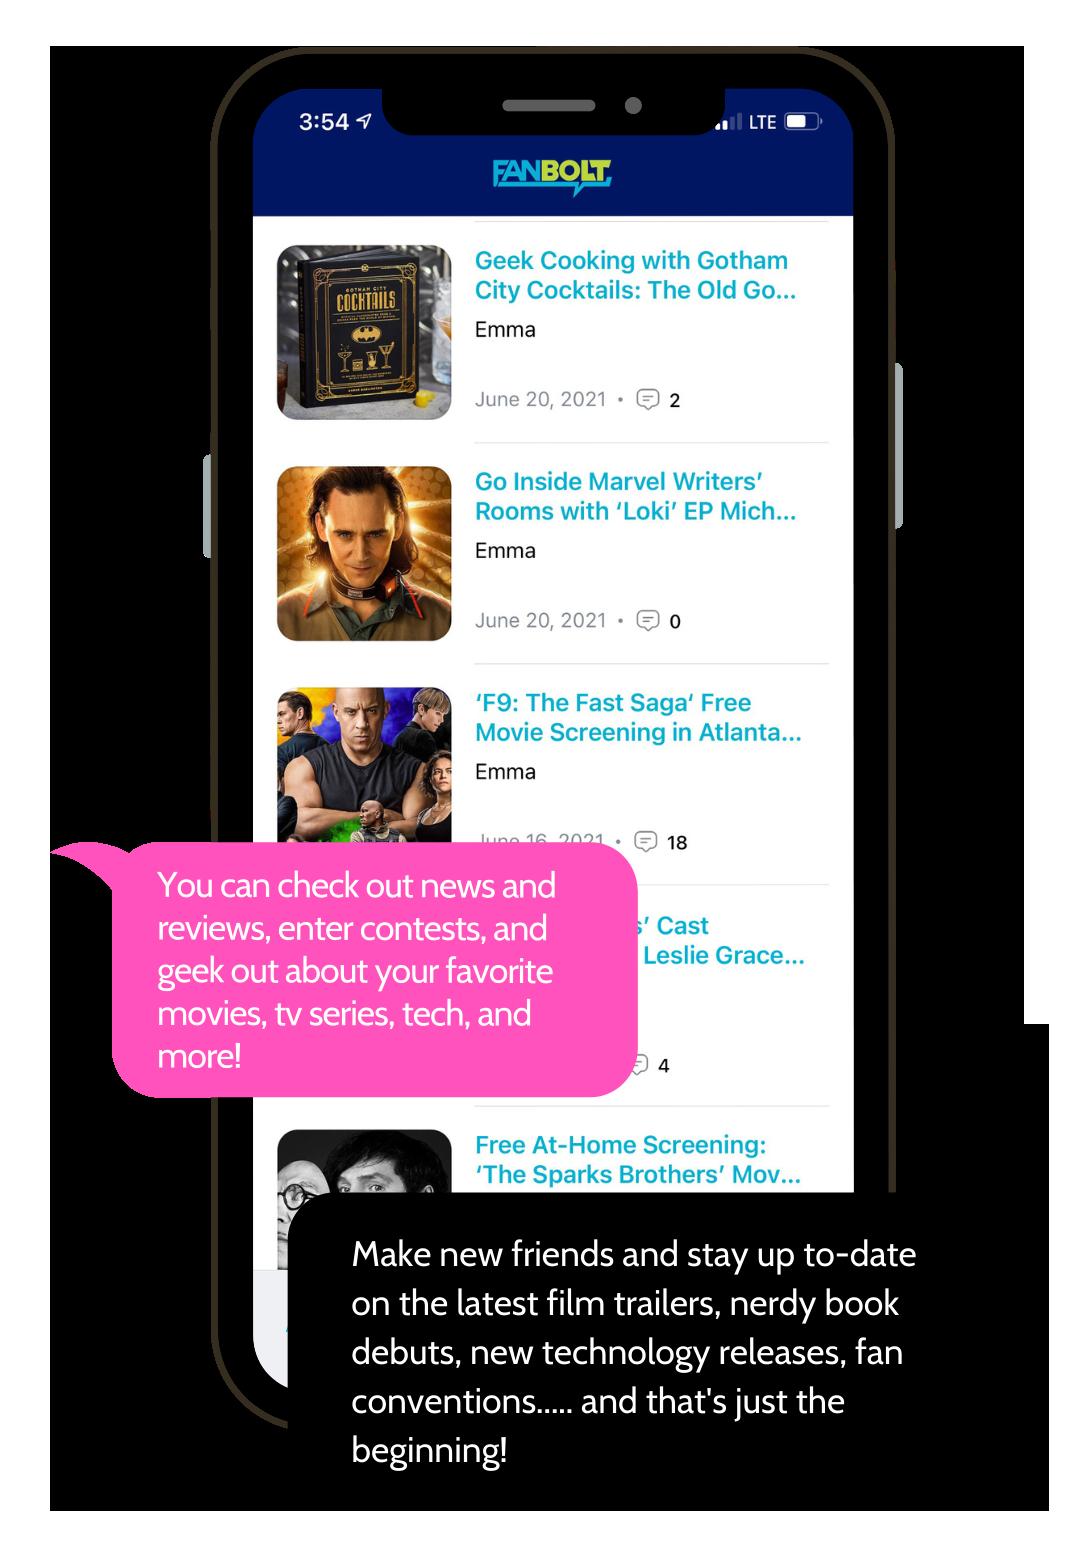 FanBolt App